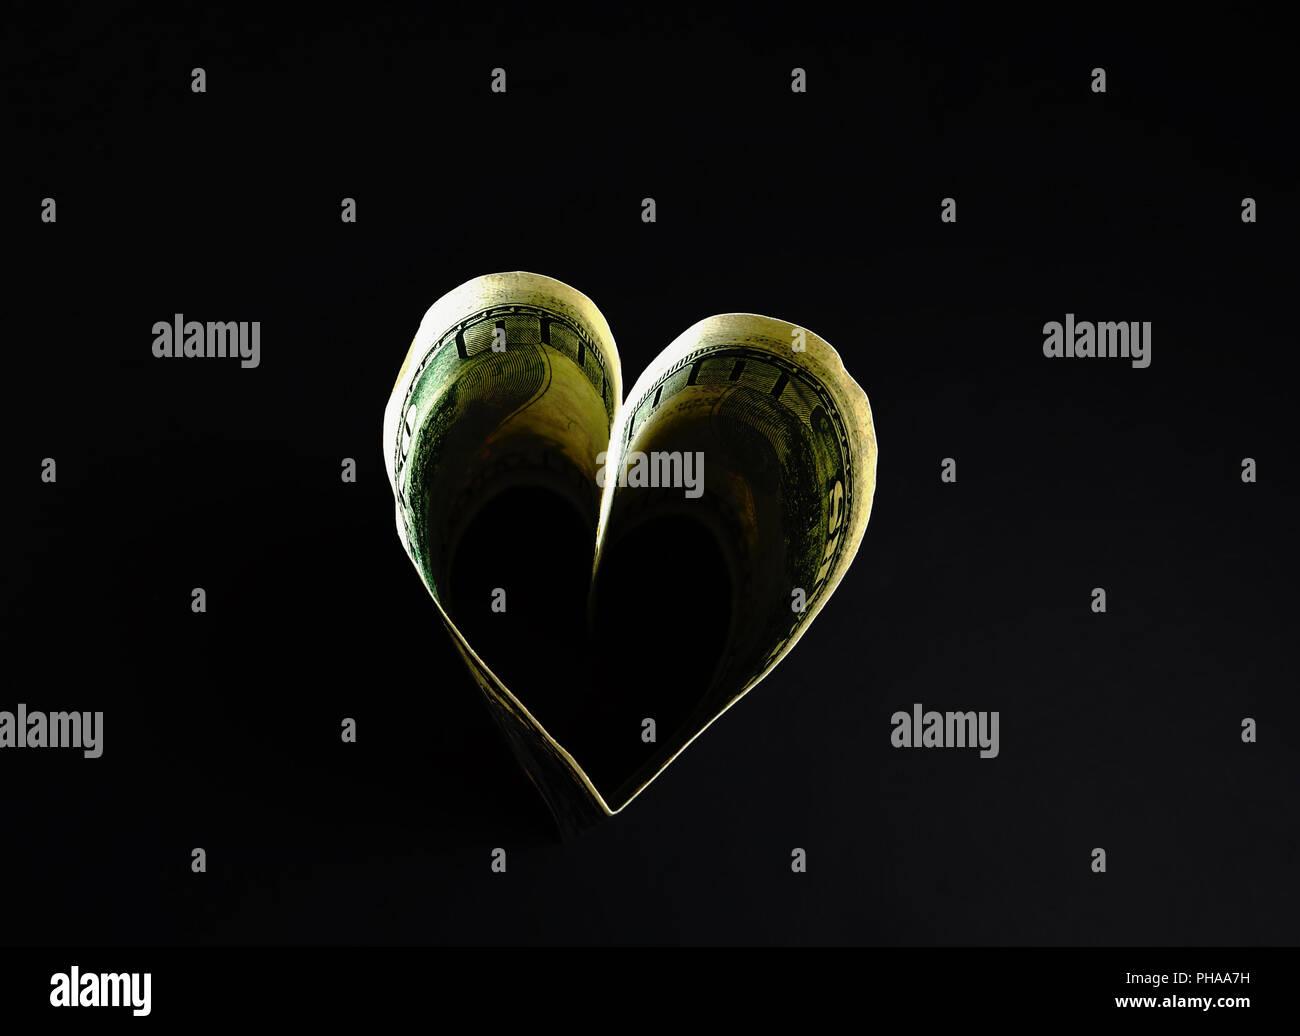 hundred heart - Stock Image